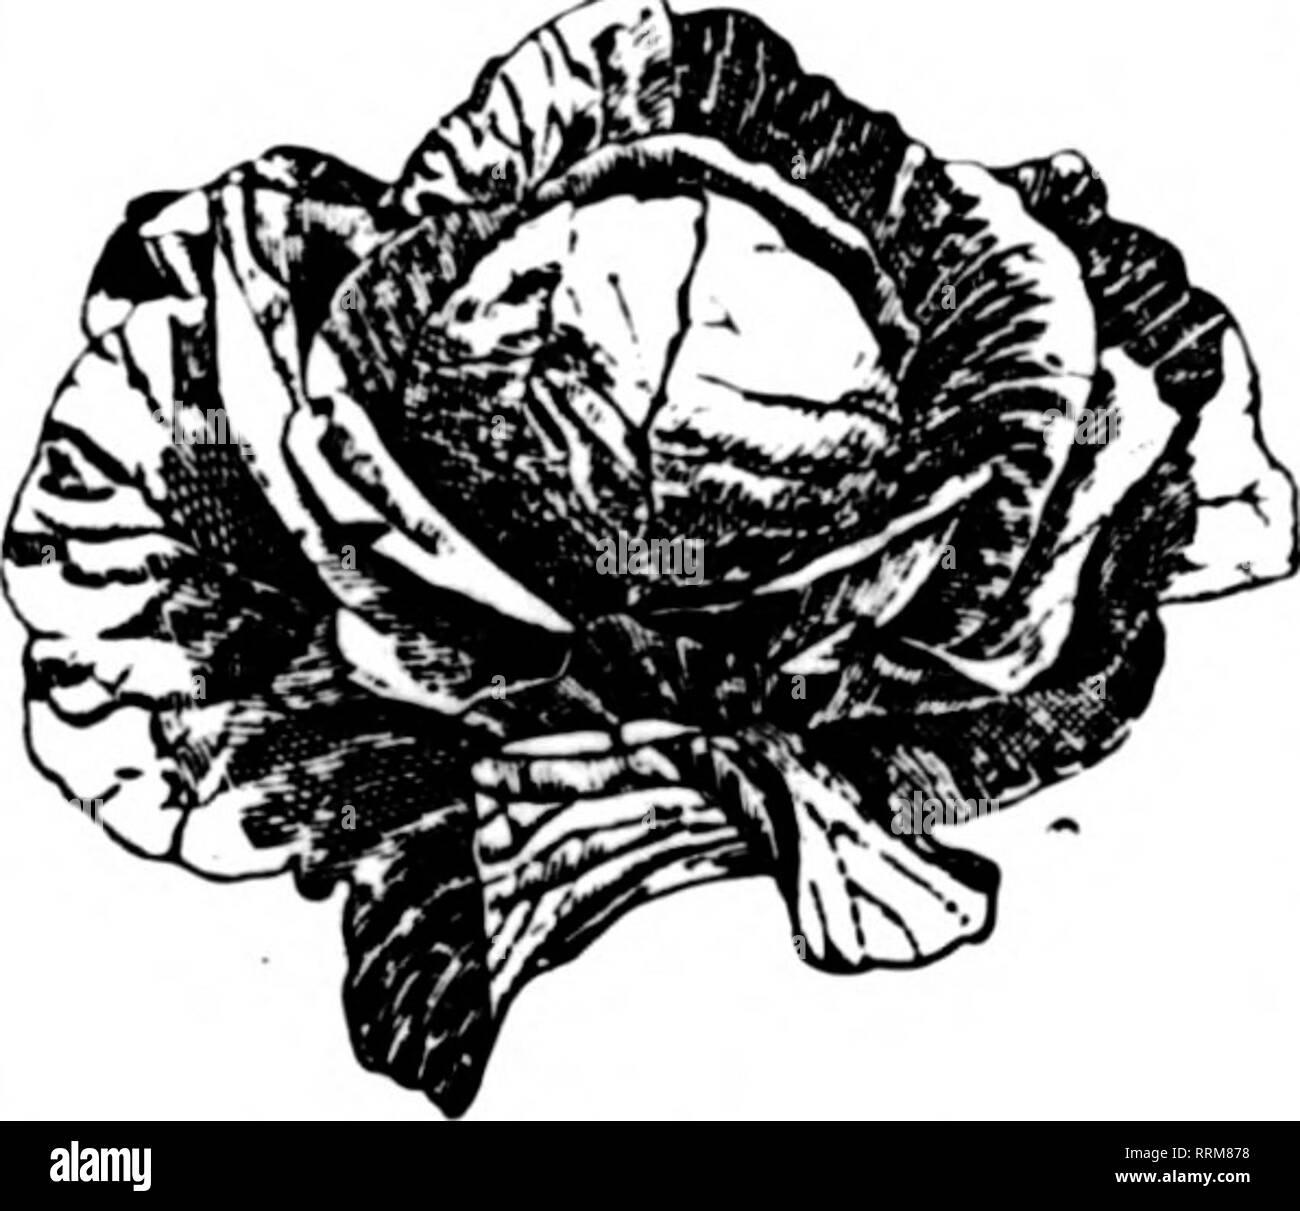 Florists' review [microform]  Floriculture  CYCLAMEN